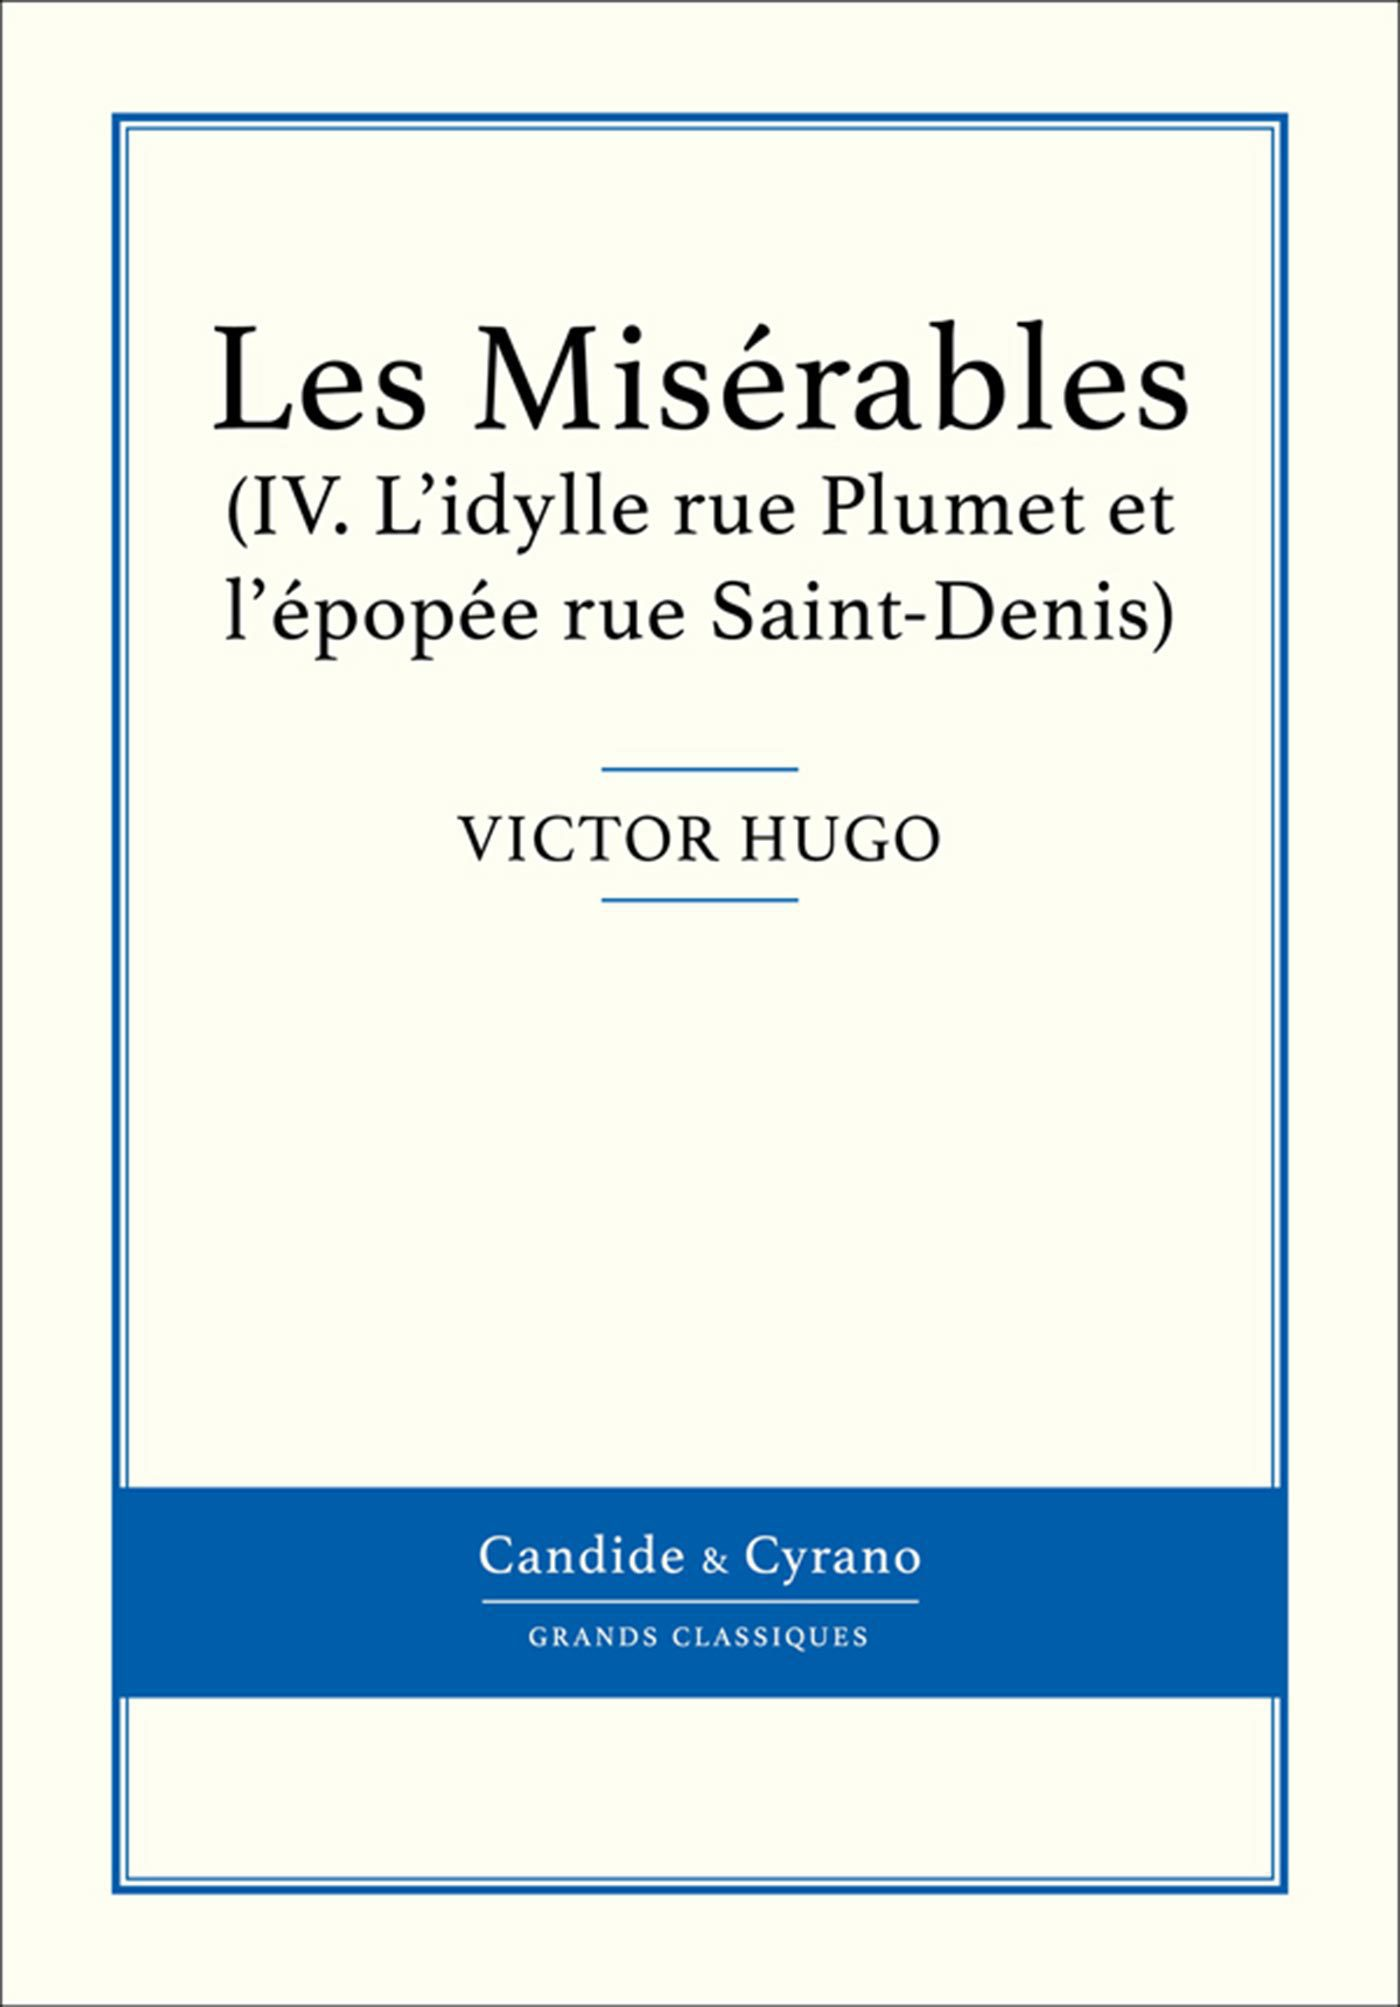 Les Misérables IV - L'idylle rue Plumet et l'épopée rue Saint-Denis